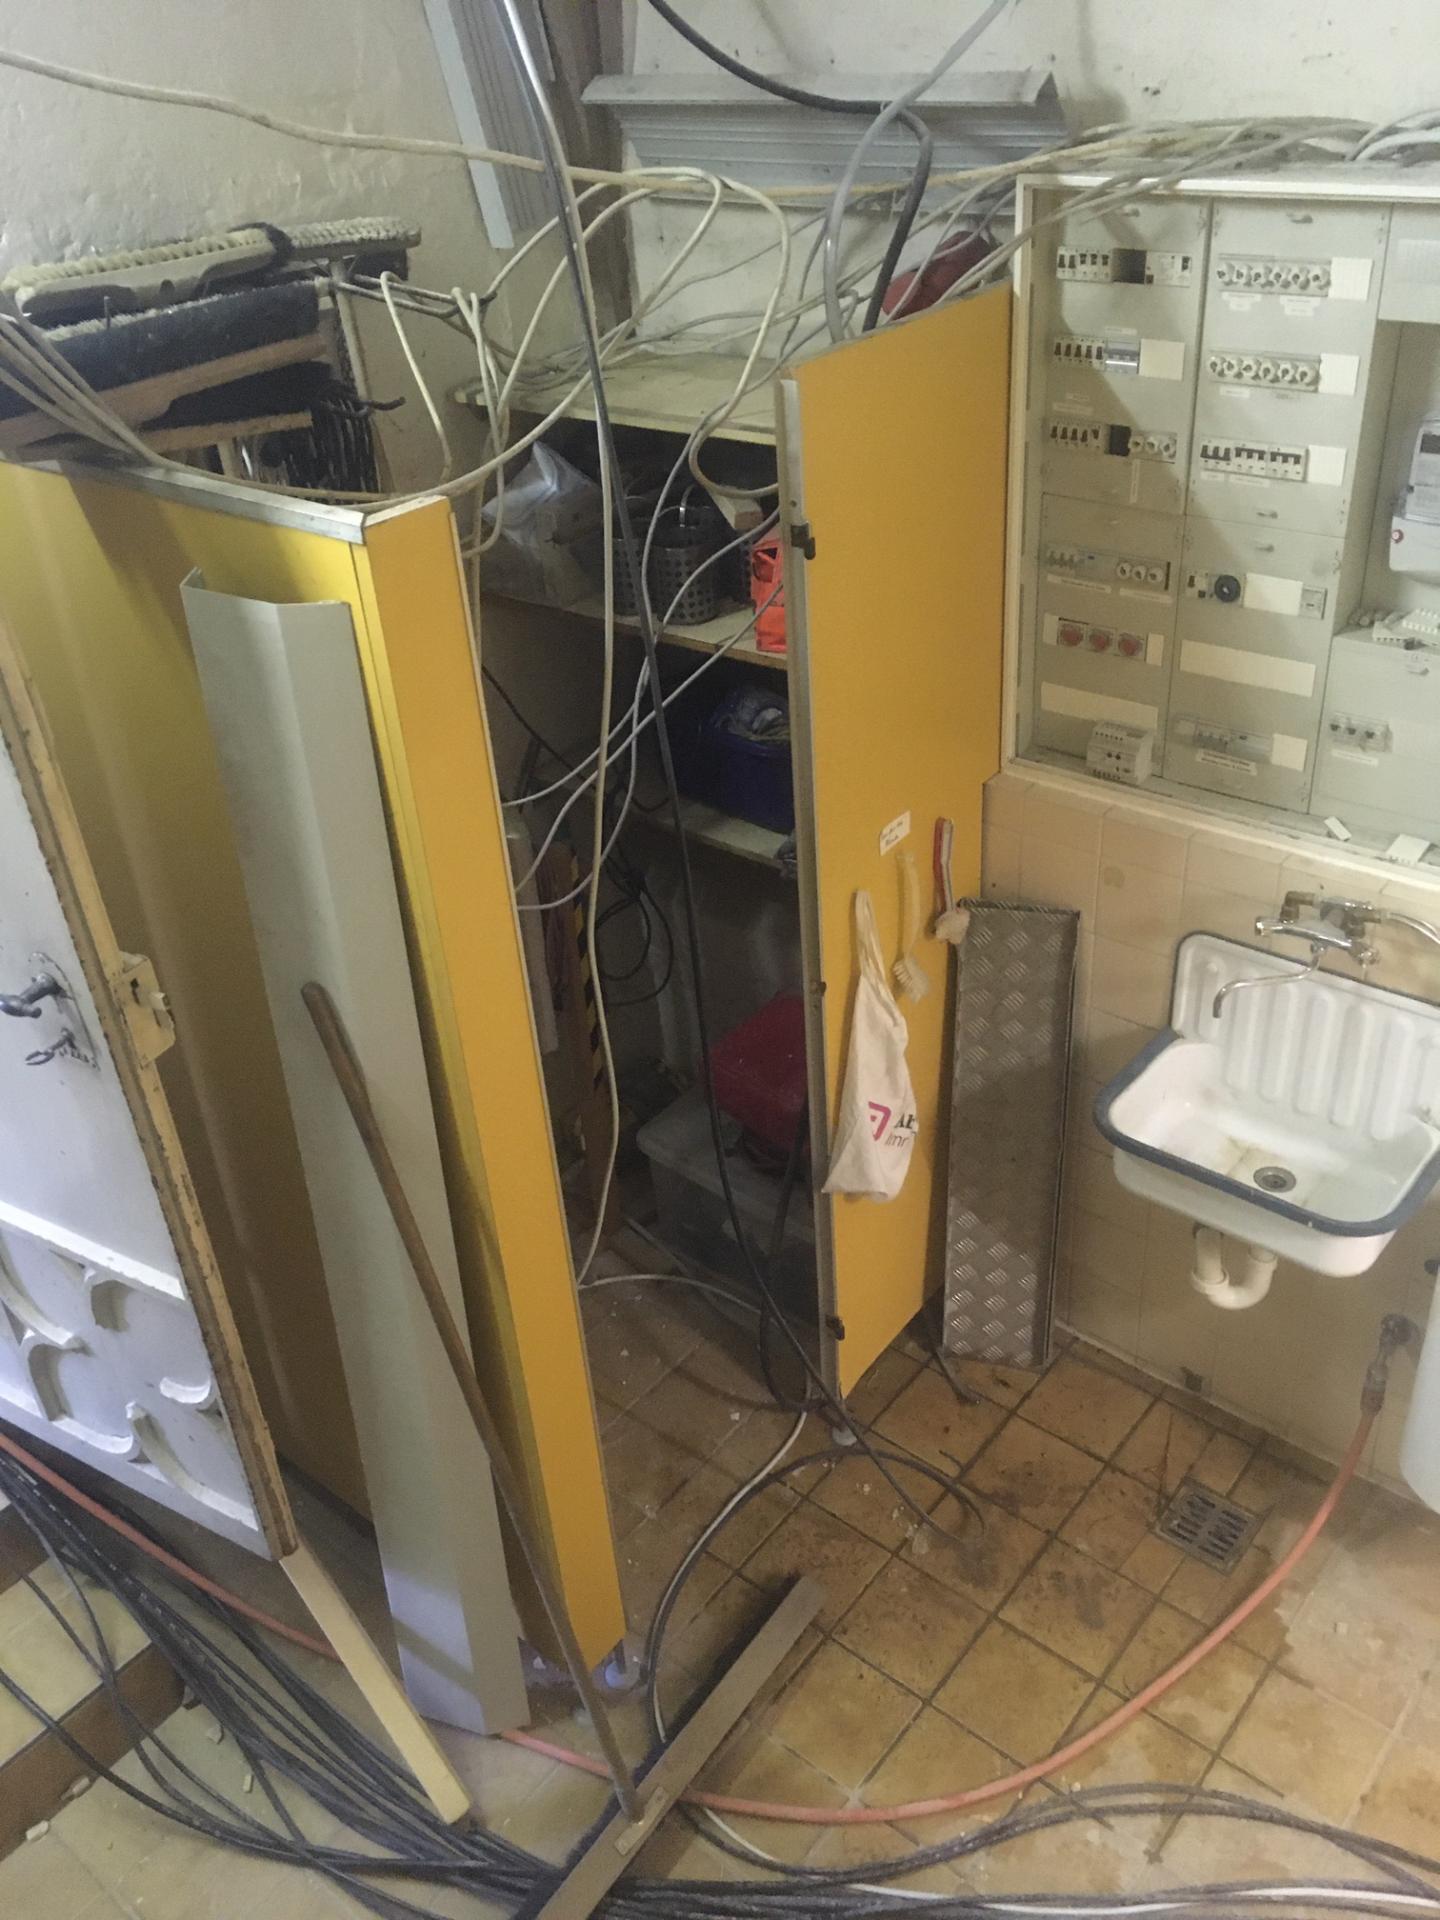 Bild 964 zeigt die Besenkammer vor der Entsorgung (auf Bilder der Toilettenanlage habe ich verzichtet)